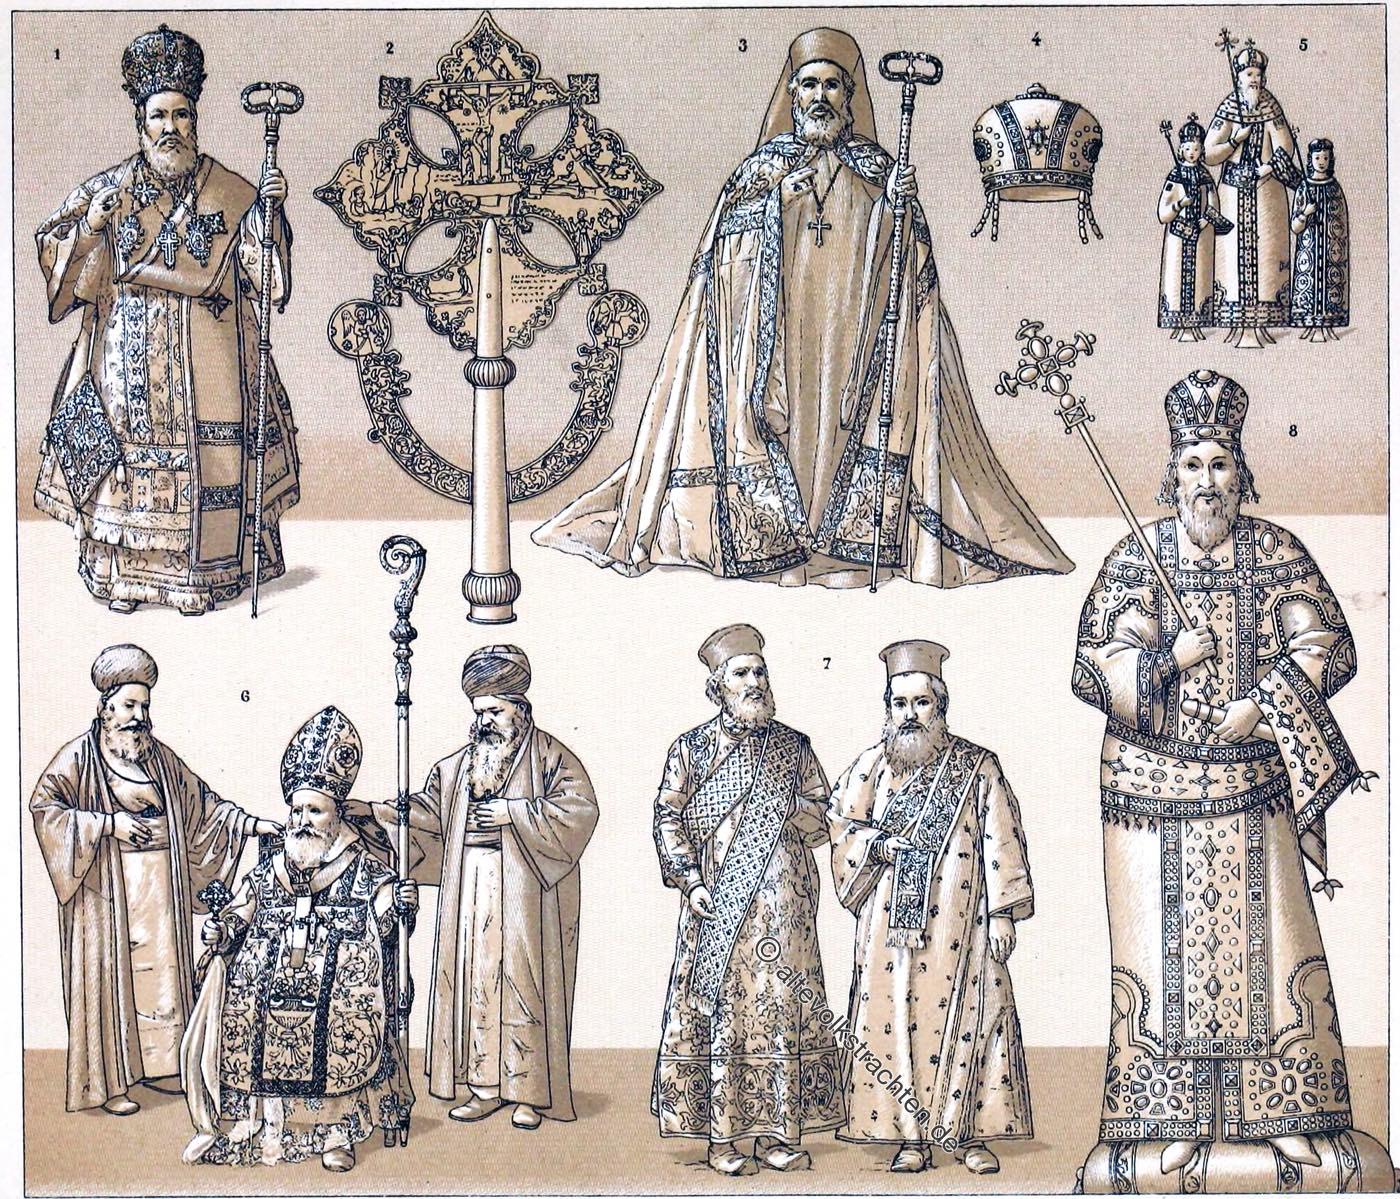 Byzanz, Abessinien, Tiara, Kaiser, Patriarchen